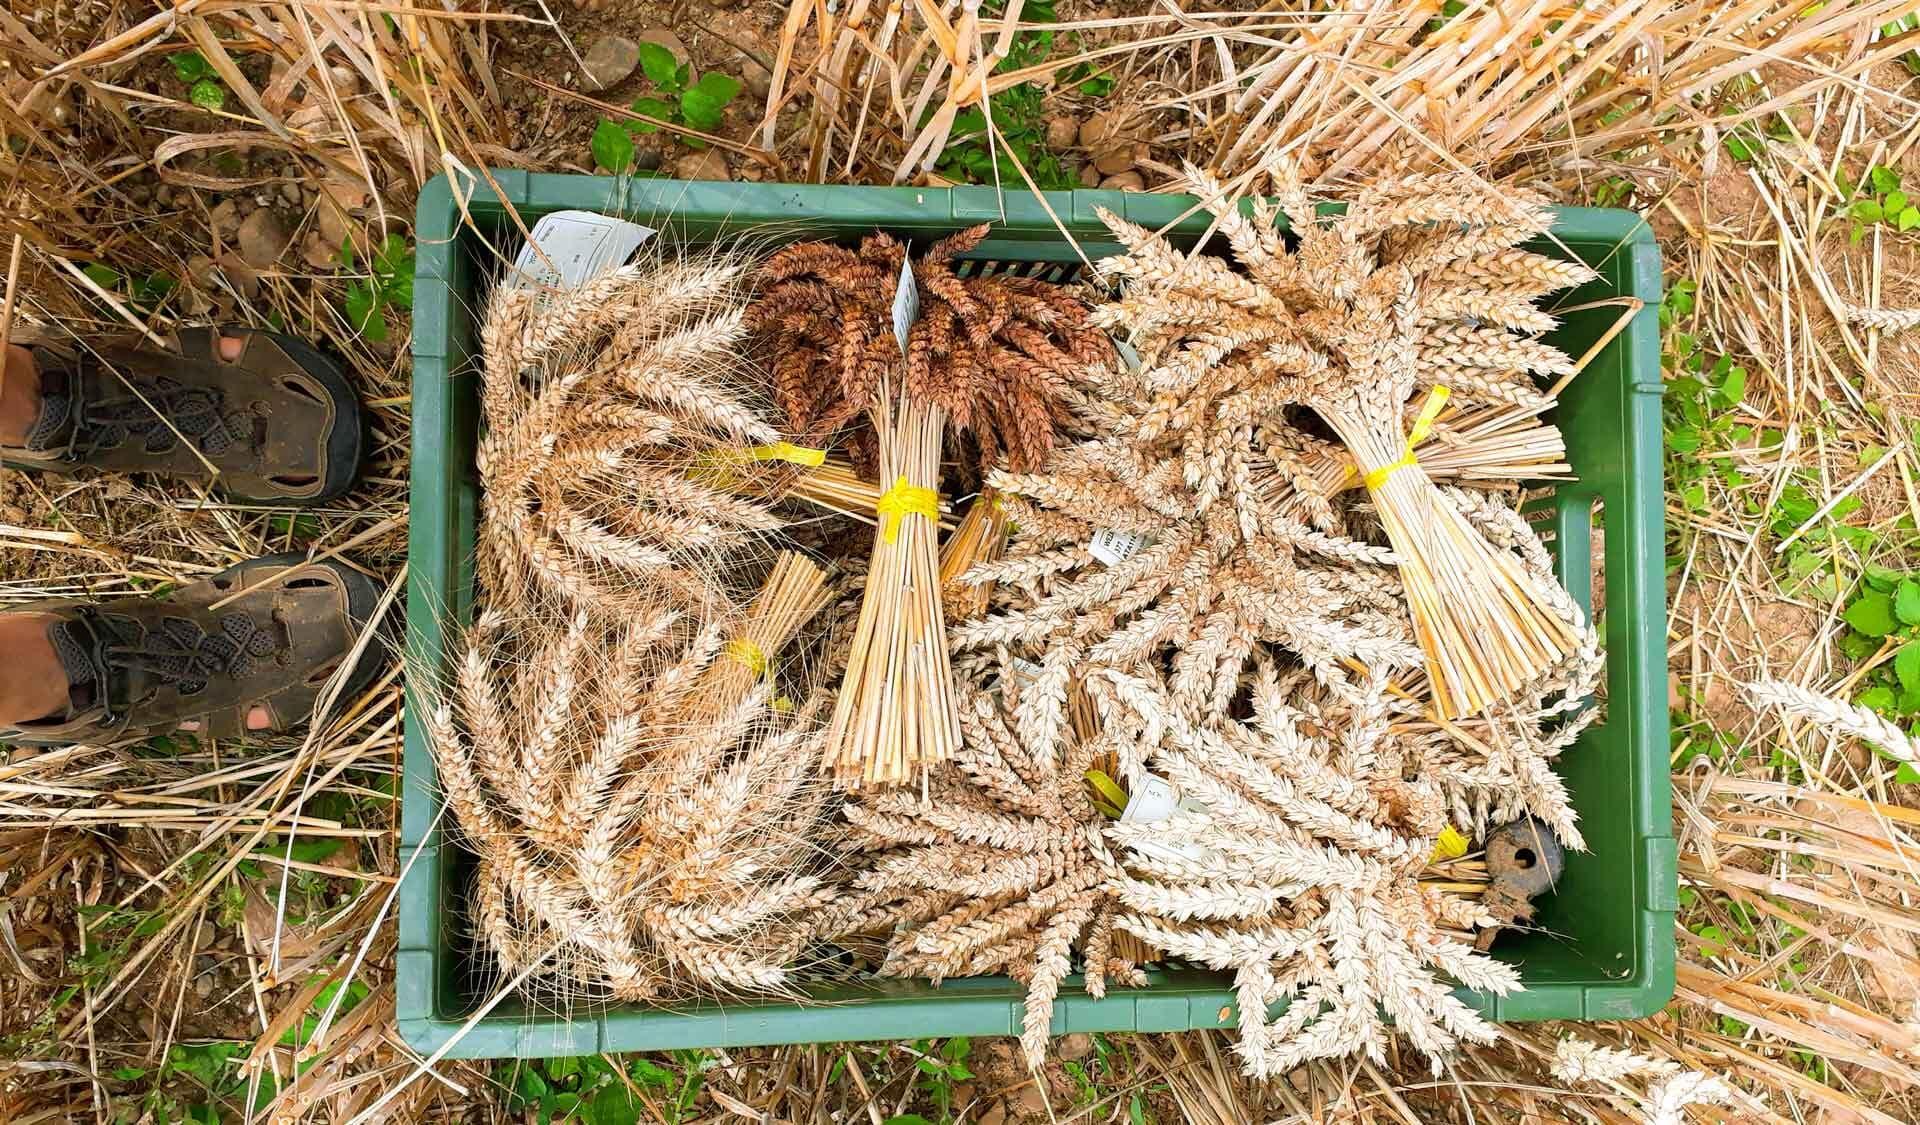 Weizen-Sträußchen in einer grünen Kiste